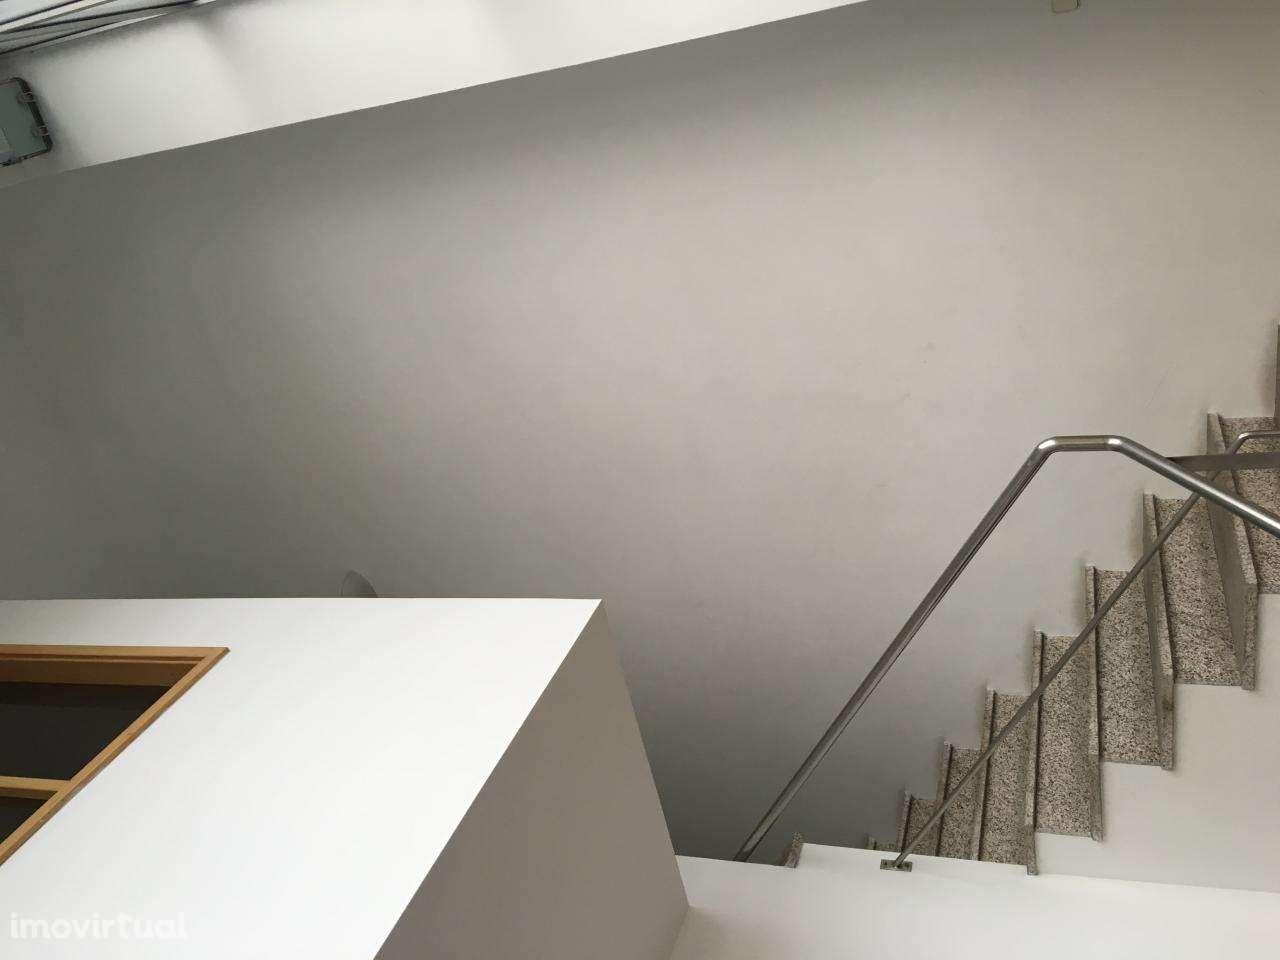 Armazém para arrendar, Moreira, Maia, Porto - Foto 10